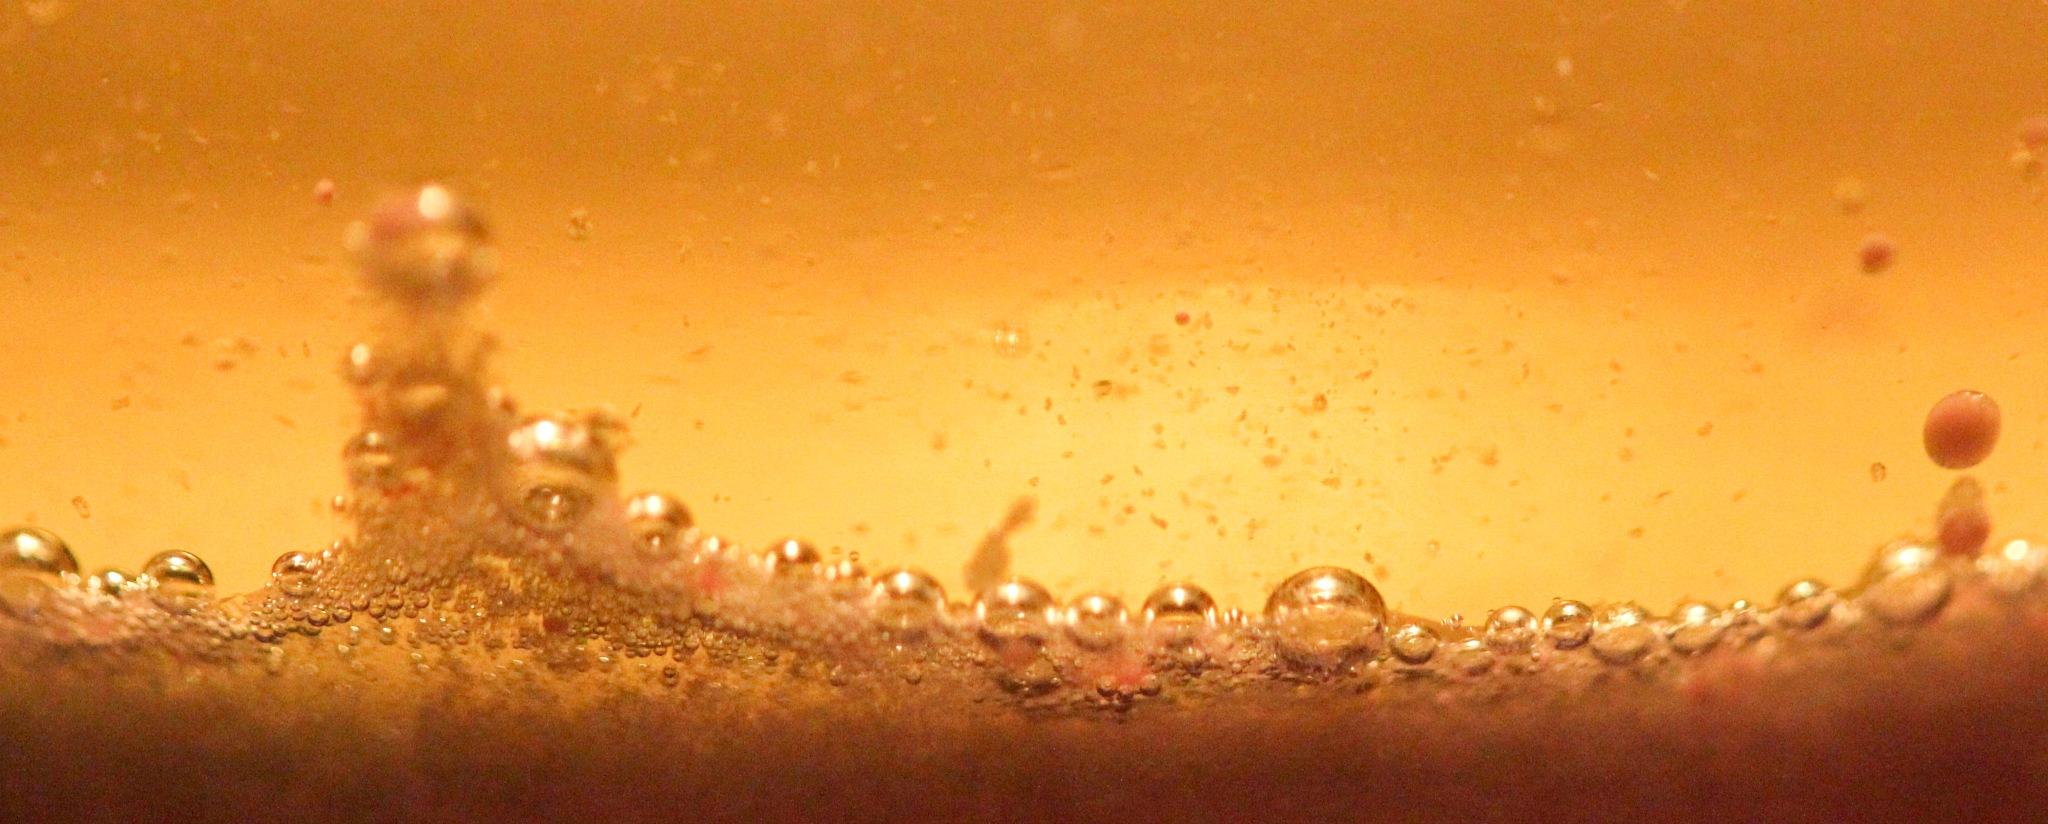 Bubbles in oil by danlandry69